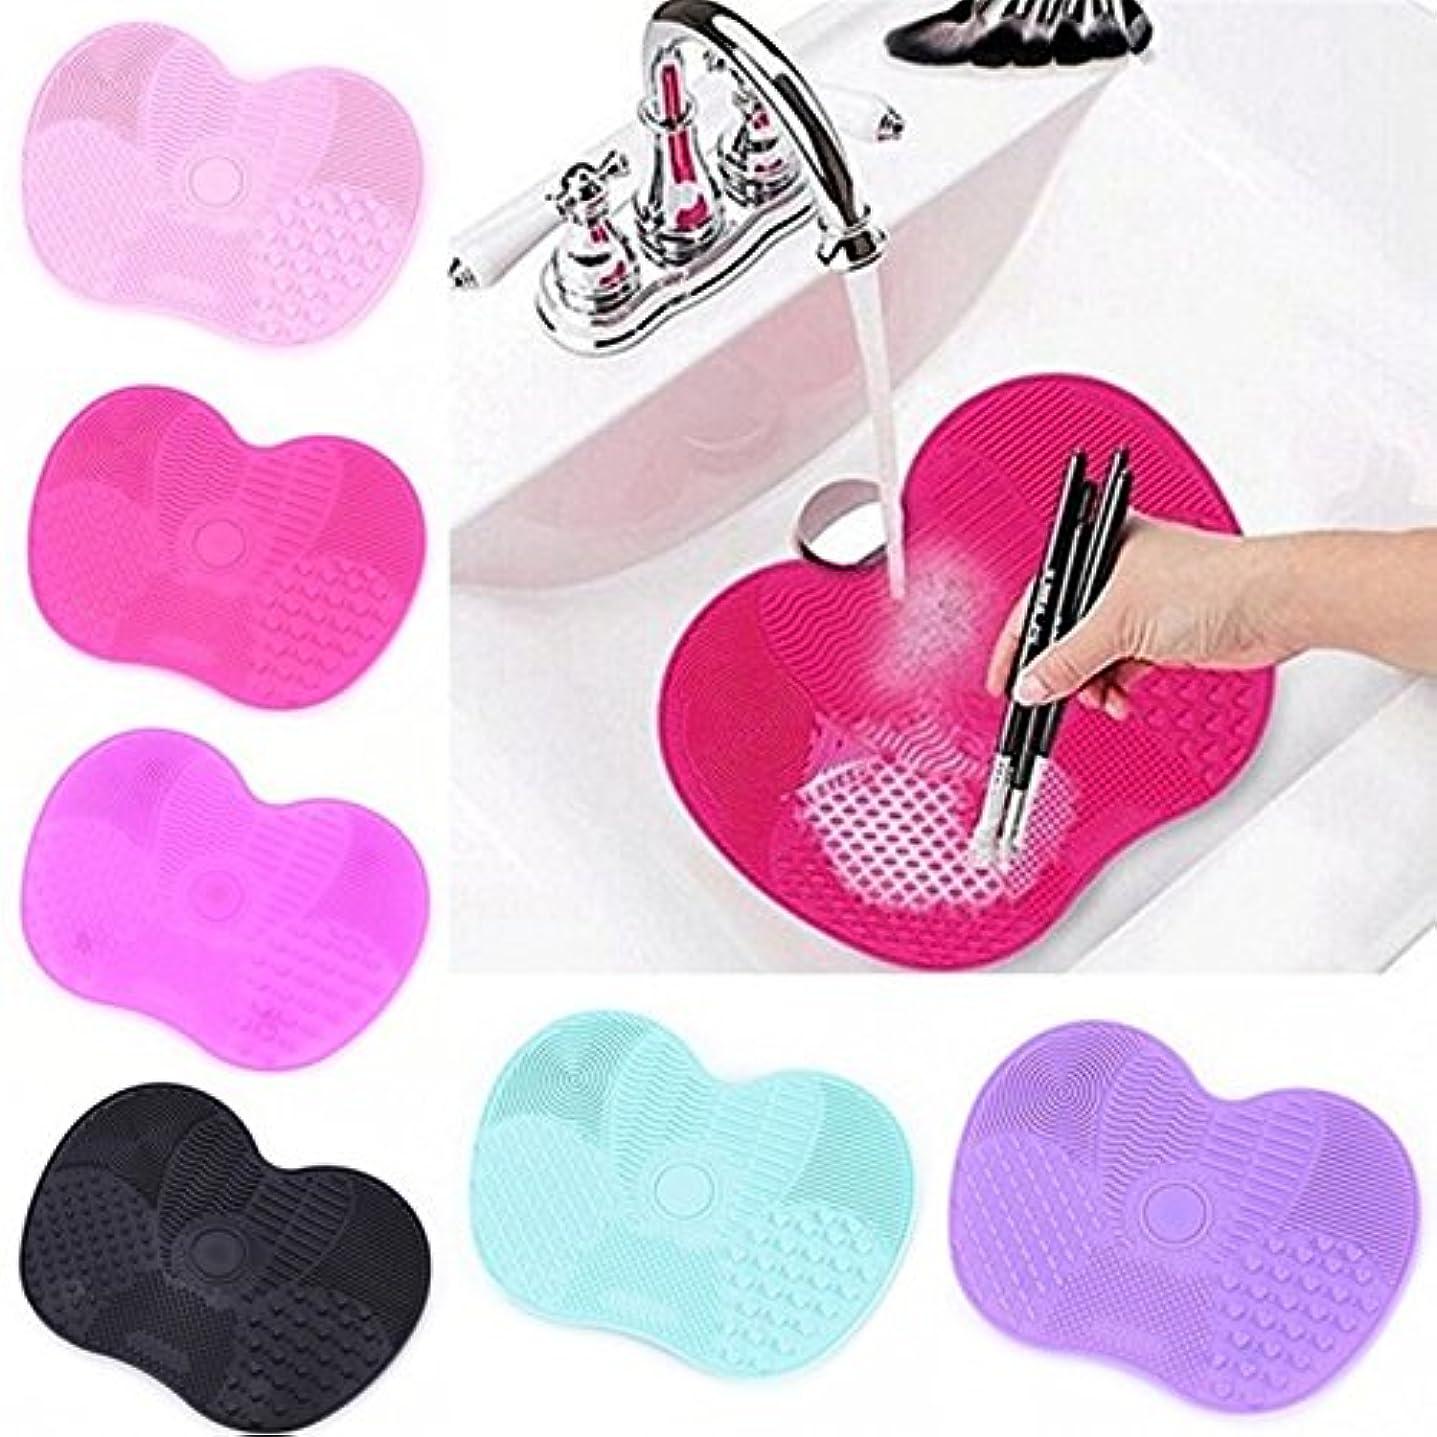 討論手紙を書く実質的にMakeup Brush cleaner Silicone Mat Make Up Washing Brushes Cosmetic Gel Board Cleaning Pad Cleaner Scrubber Tools...